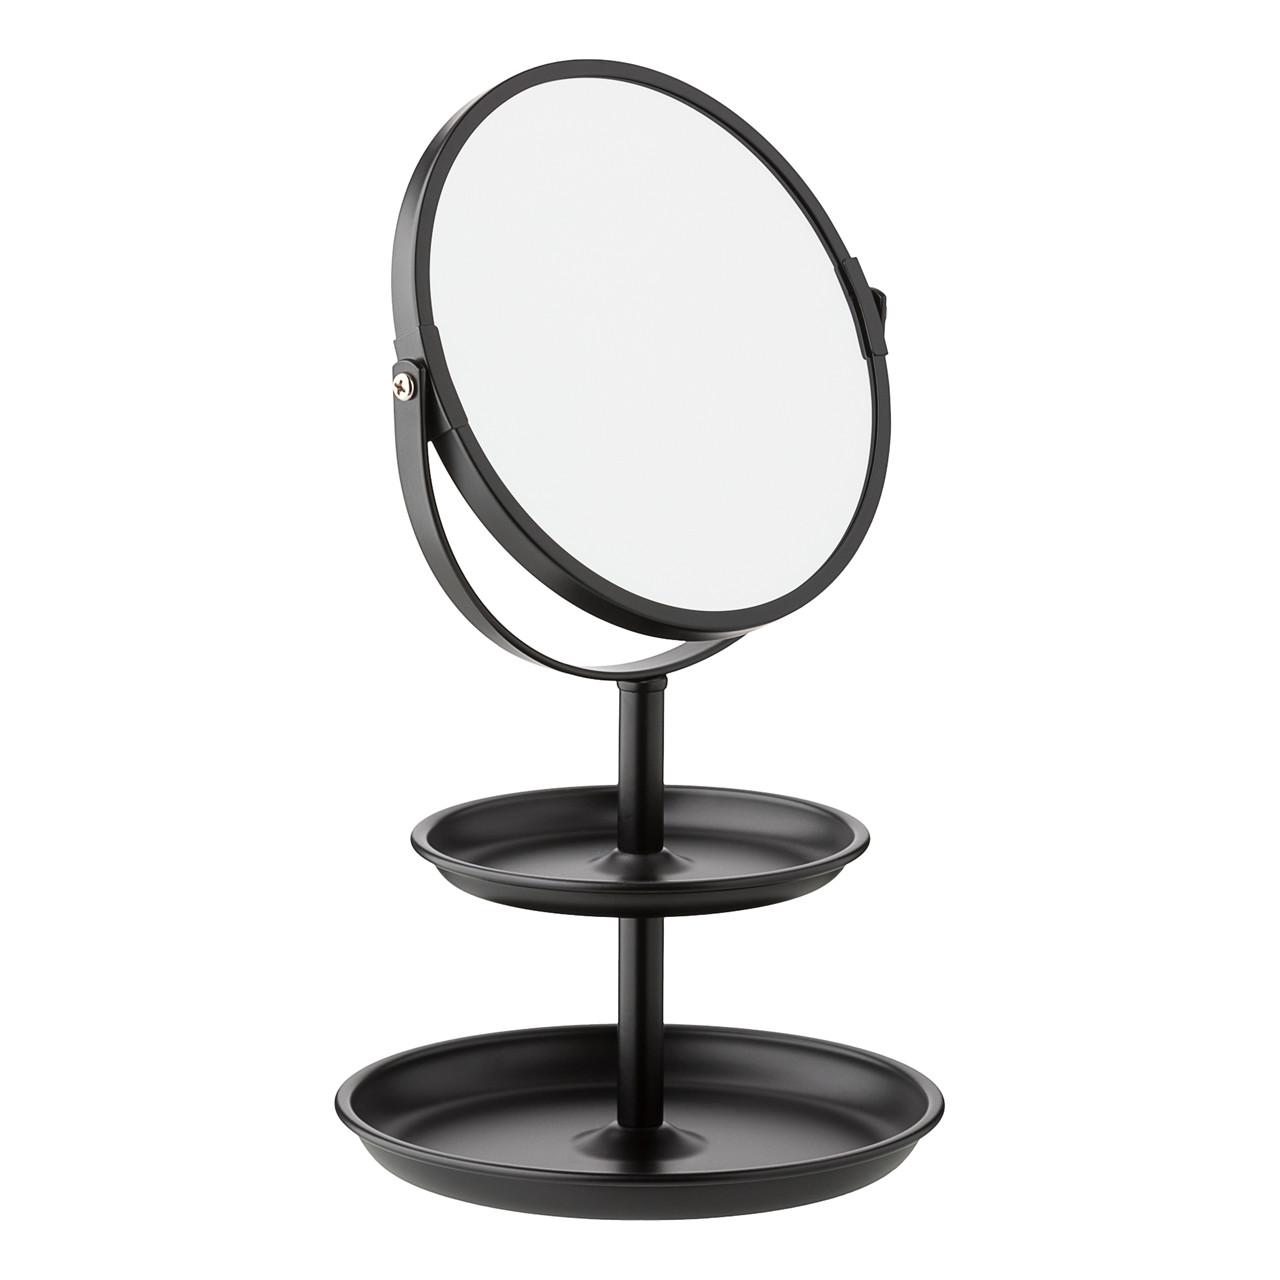 Makeup Spejl Stort Udvalg Af Flotte Makeup Spejle